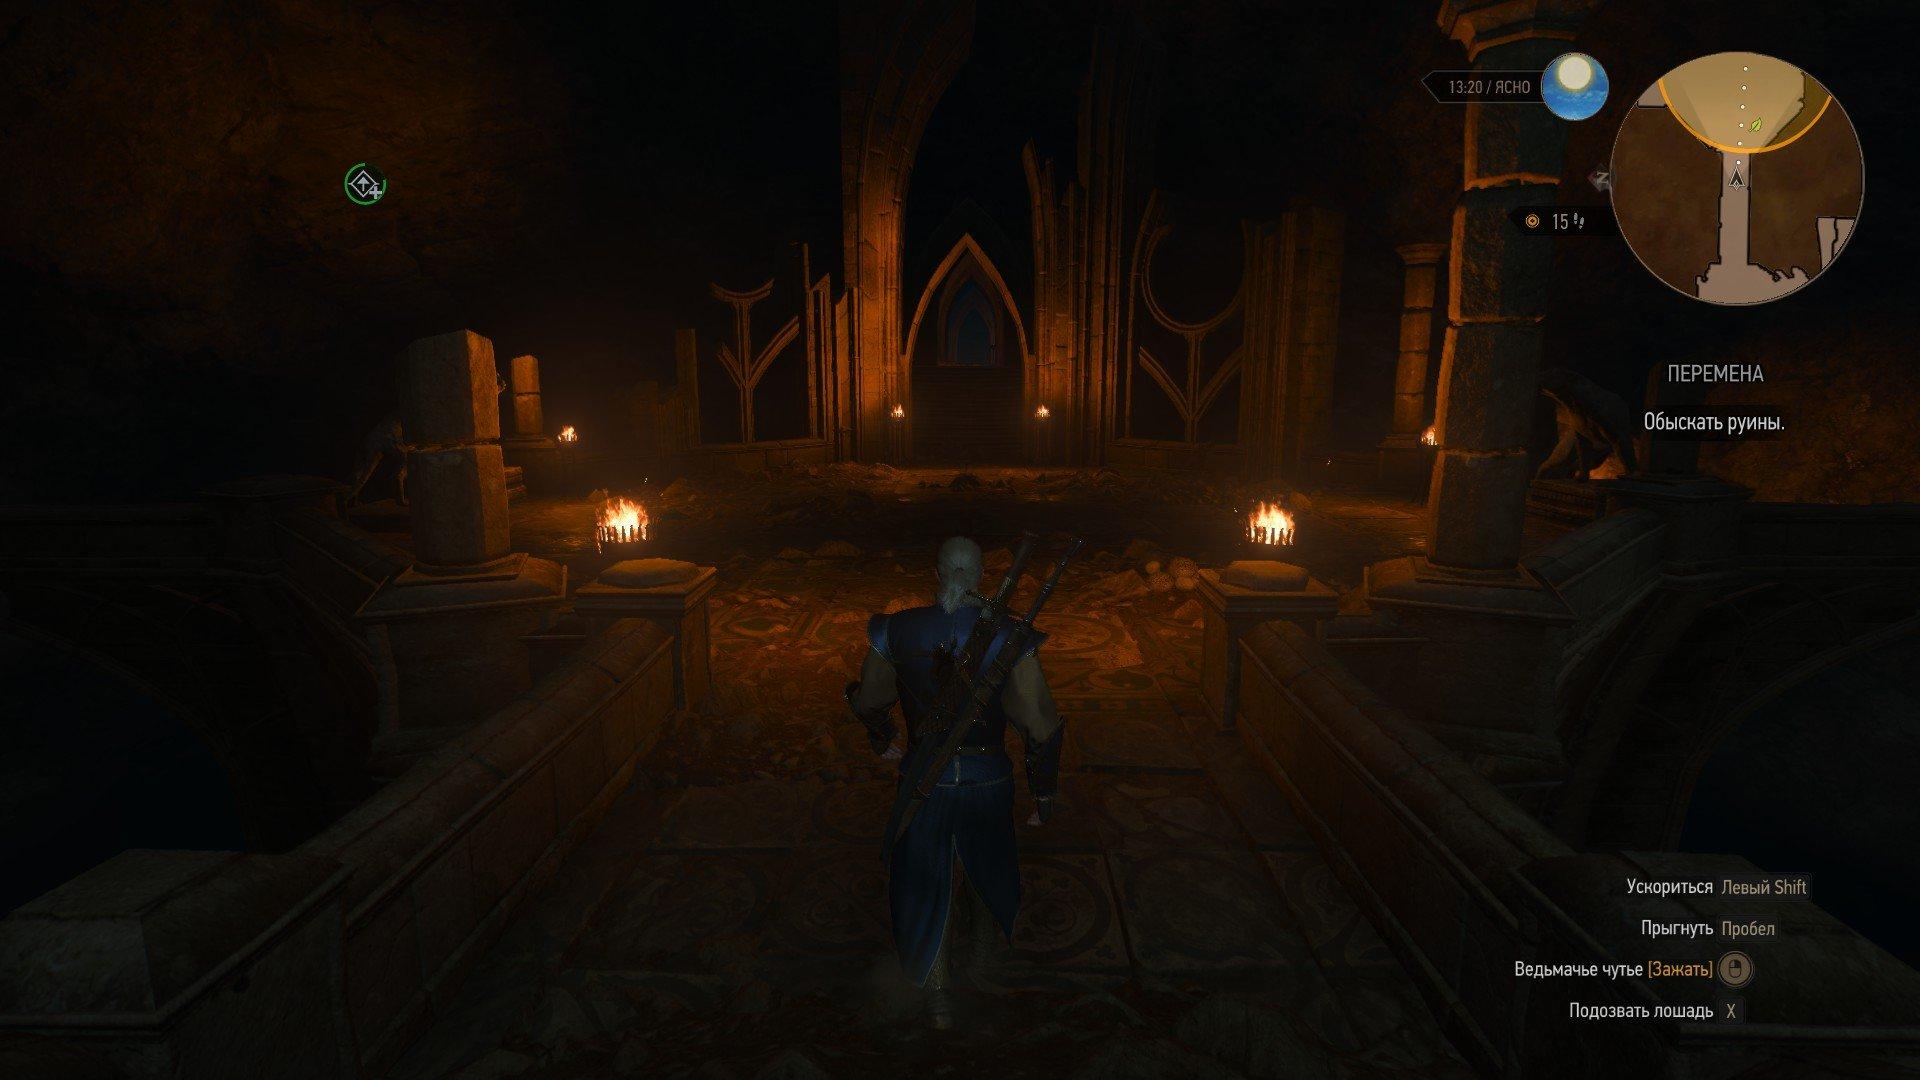 Вопль-прохождение Witcher 3: Кровь и Вино ... НАЧАЛО [ВНИМАНИЕ, ВОЗМОЖНЫ СПОЙЛЕРЫ]. - Изображение 27